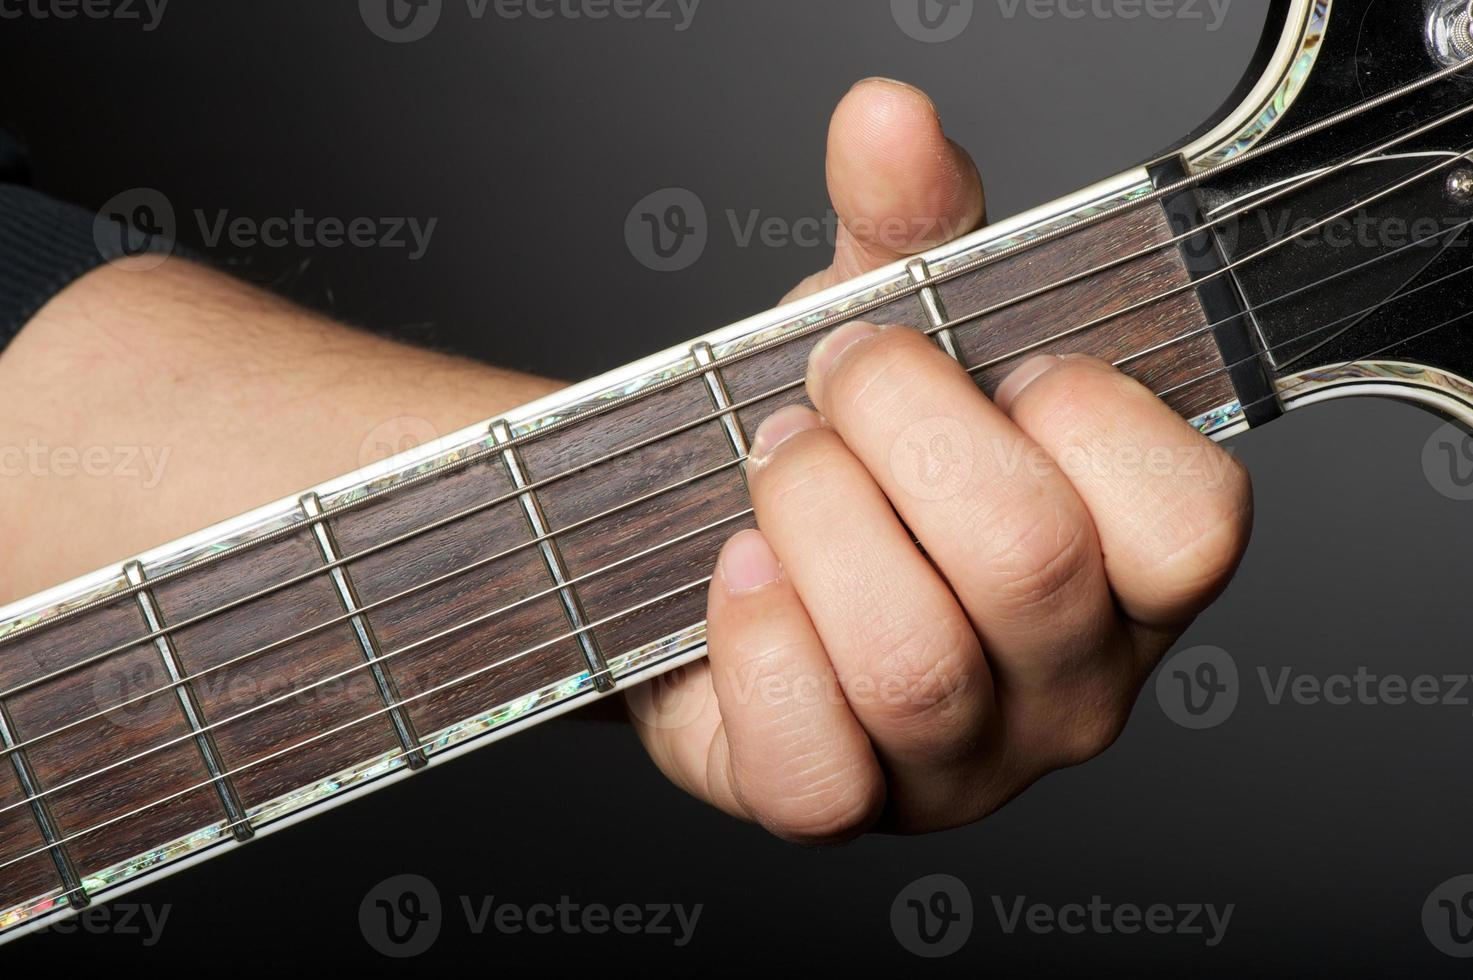 majeur gitaarakkoorden foto